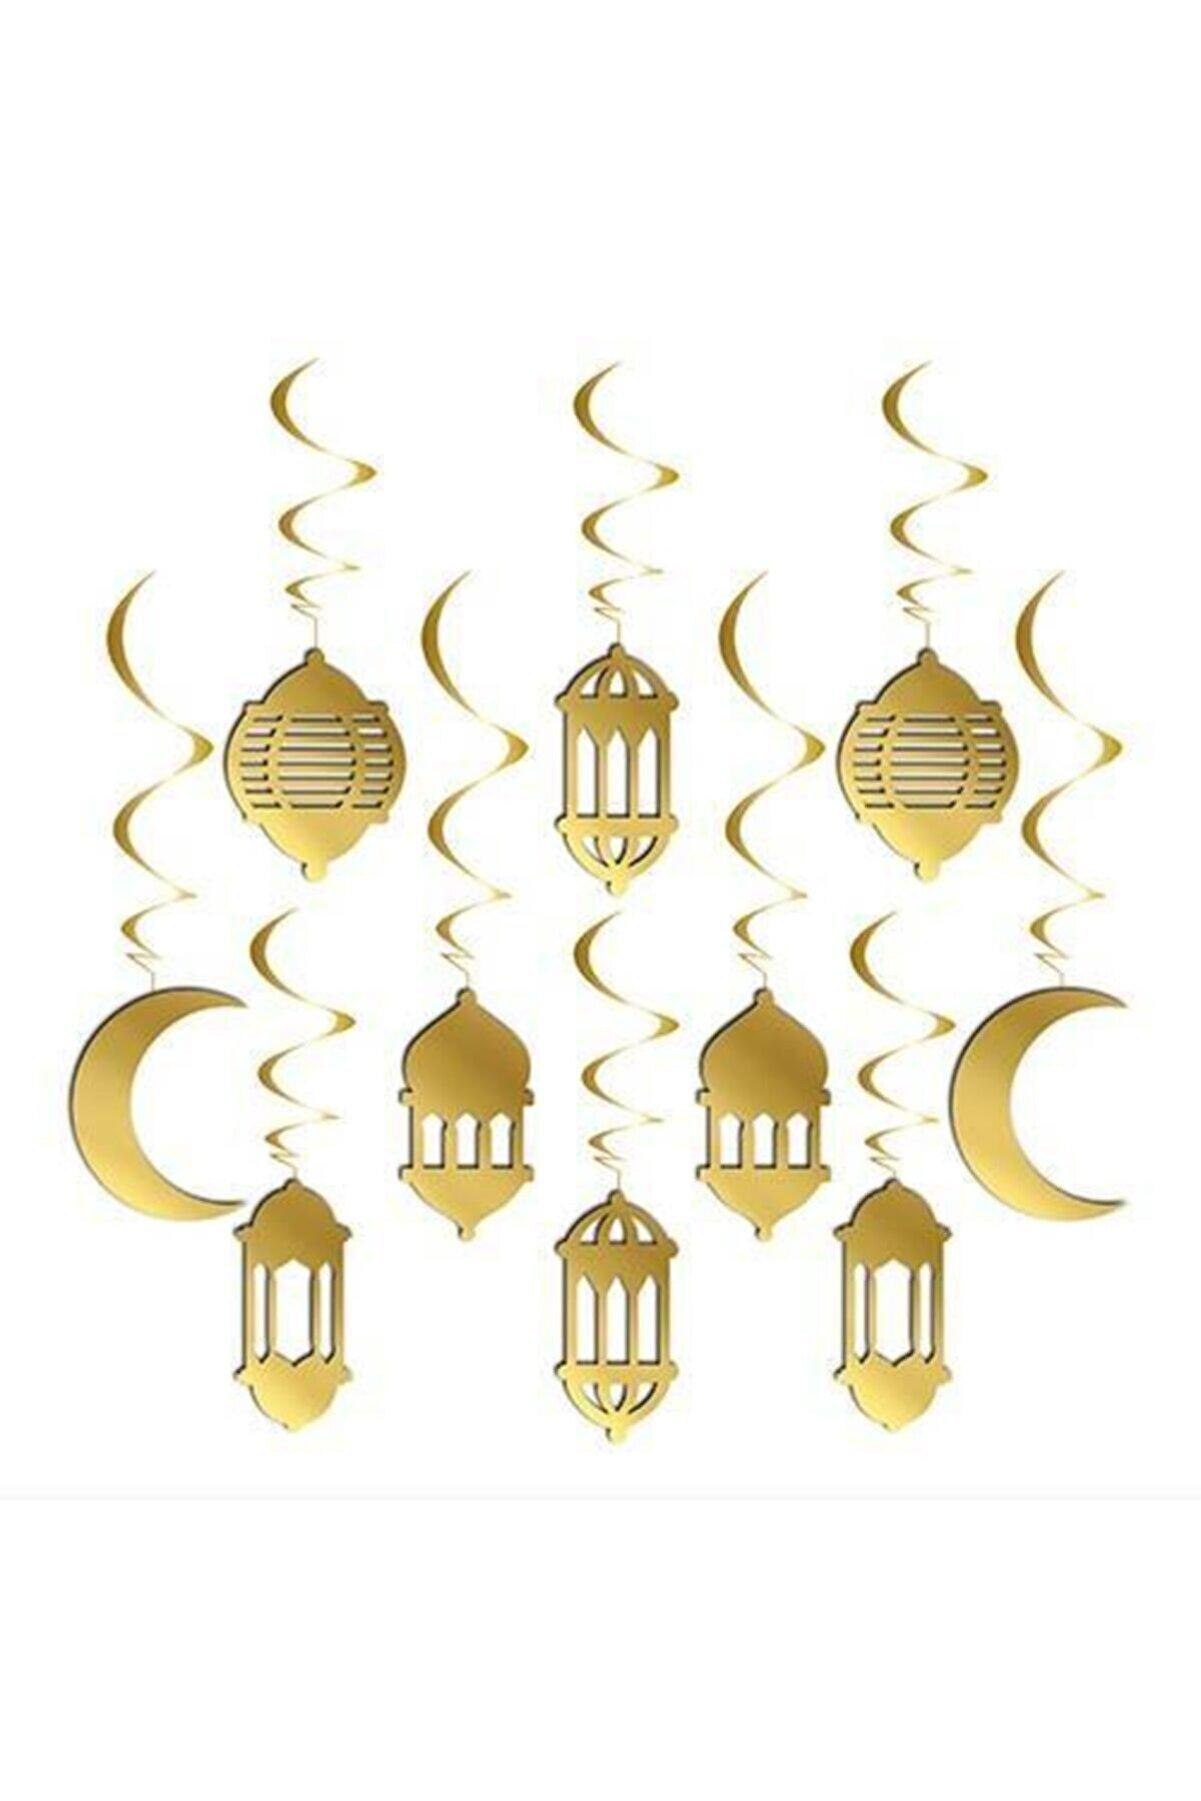 KBK MARKET Gold 3d Ramazan Tavan Süsü 10'lu